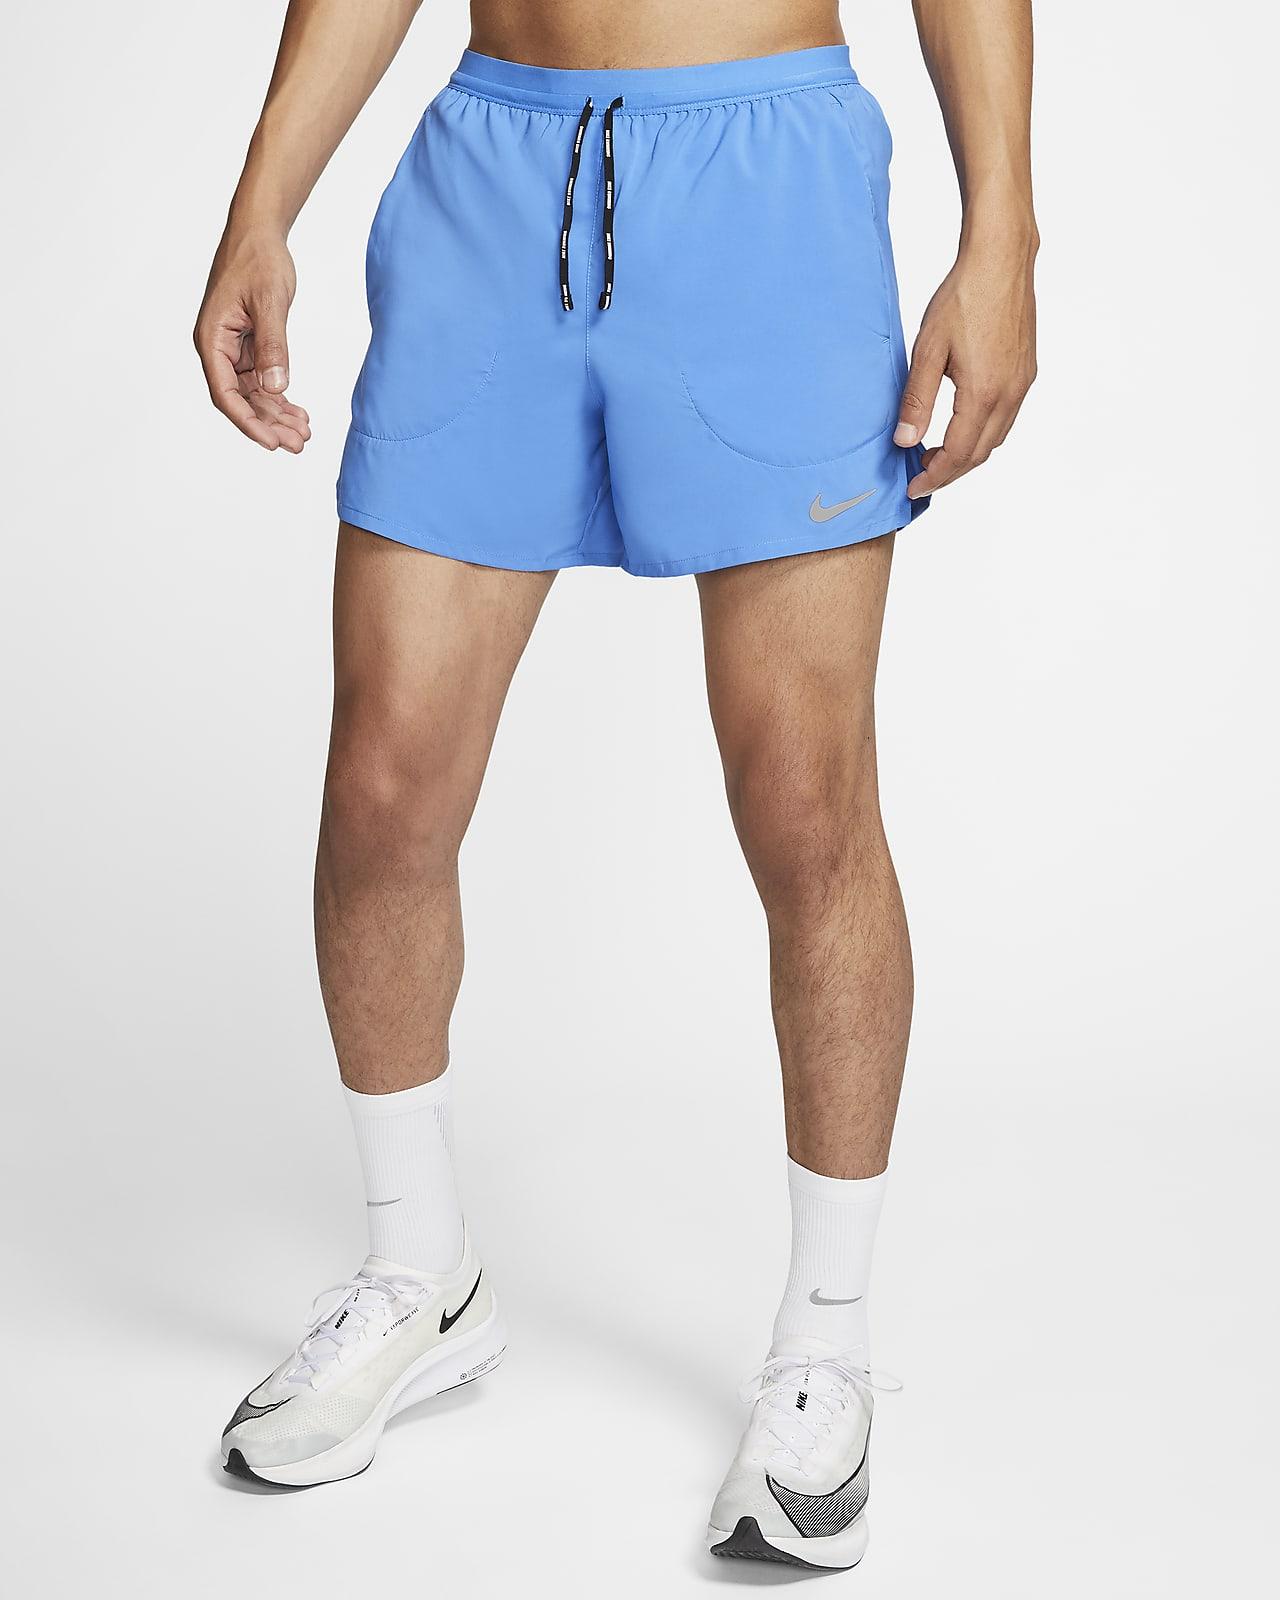 Ανδρικό σορτς για τρέξιμο με εσωτερικό σορτς Nike Flex Stride 13 cm